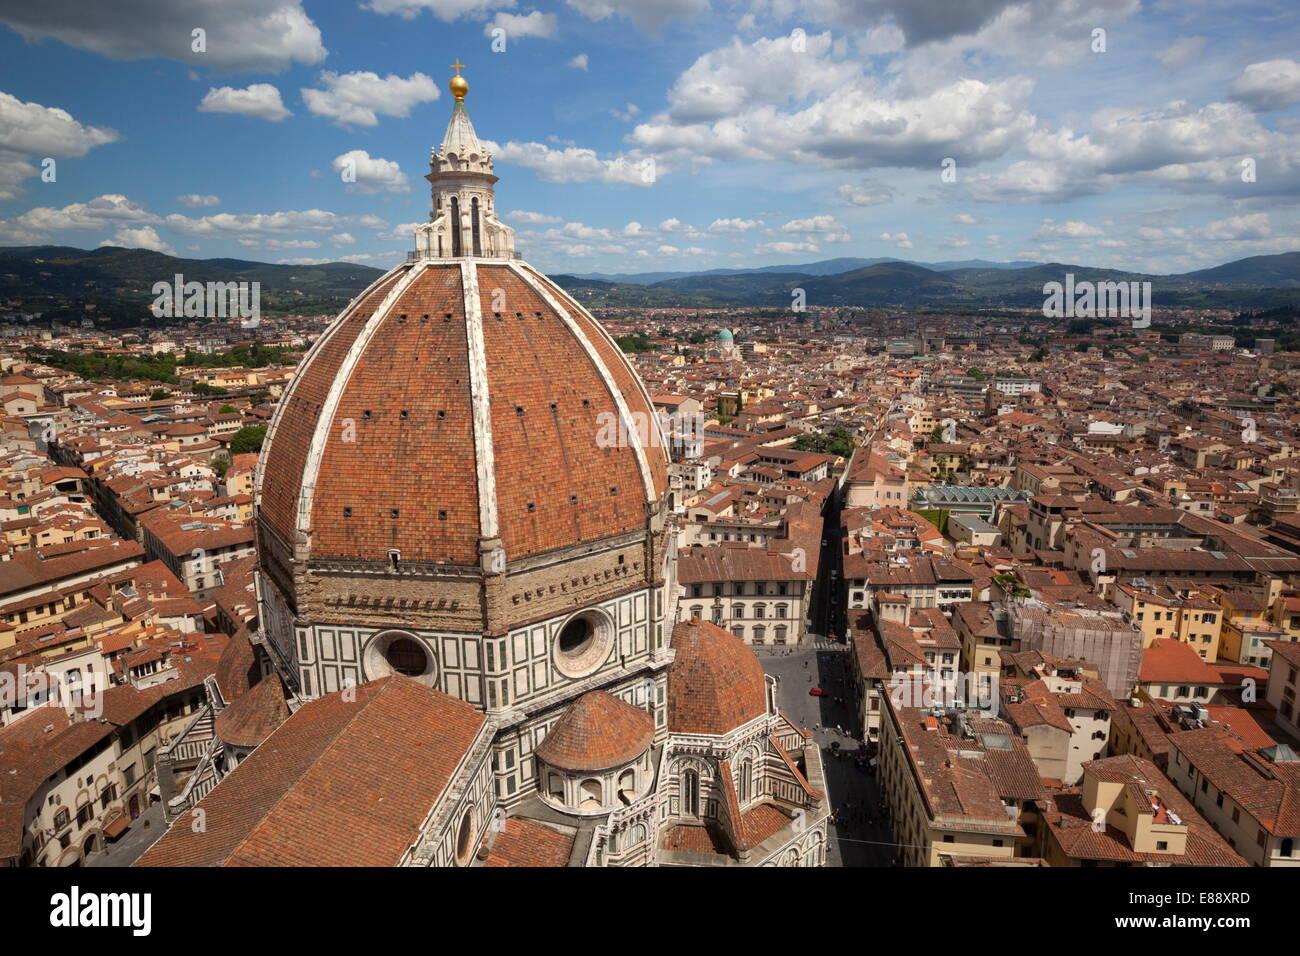 Vista sul Duomo e la città dal Campanile, Firenze, Sito Patrimonio Mondiale dell'UNESCO, Toscana, Italia, Immagini Stock